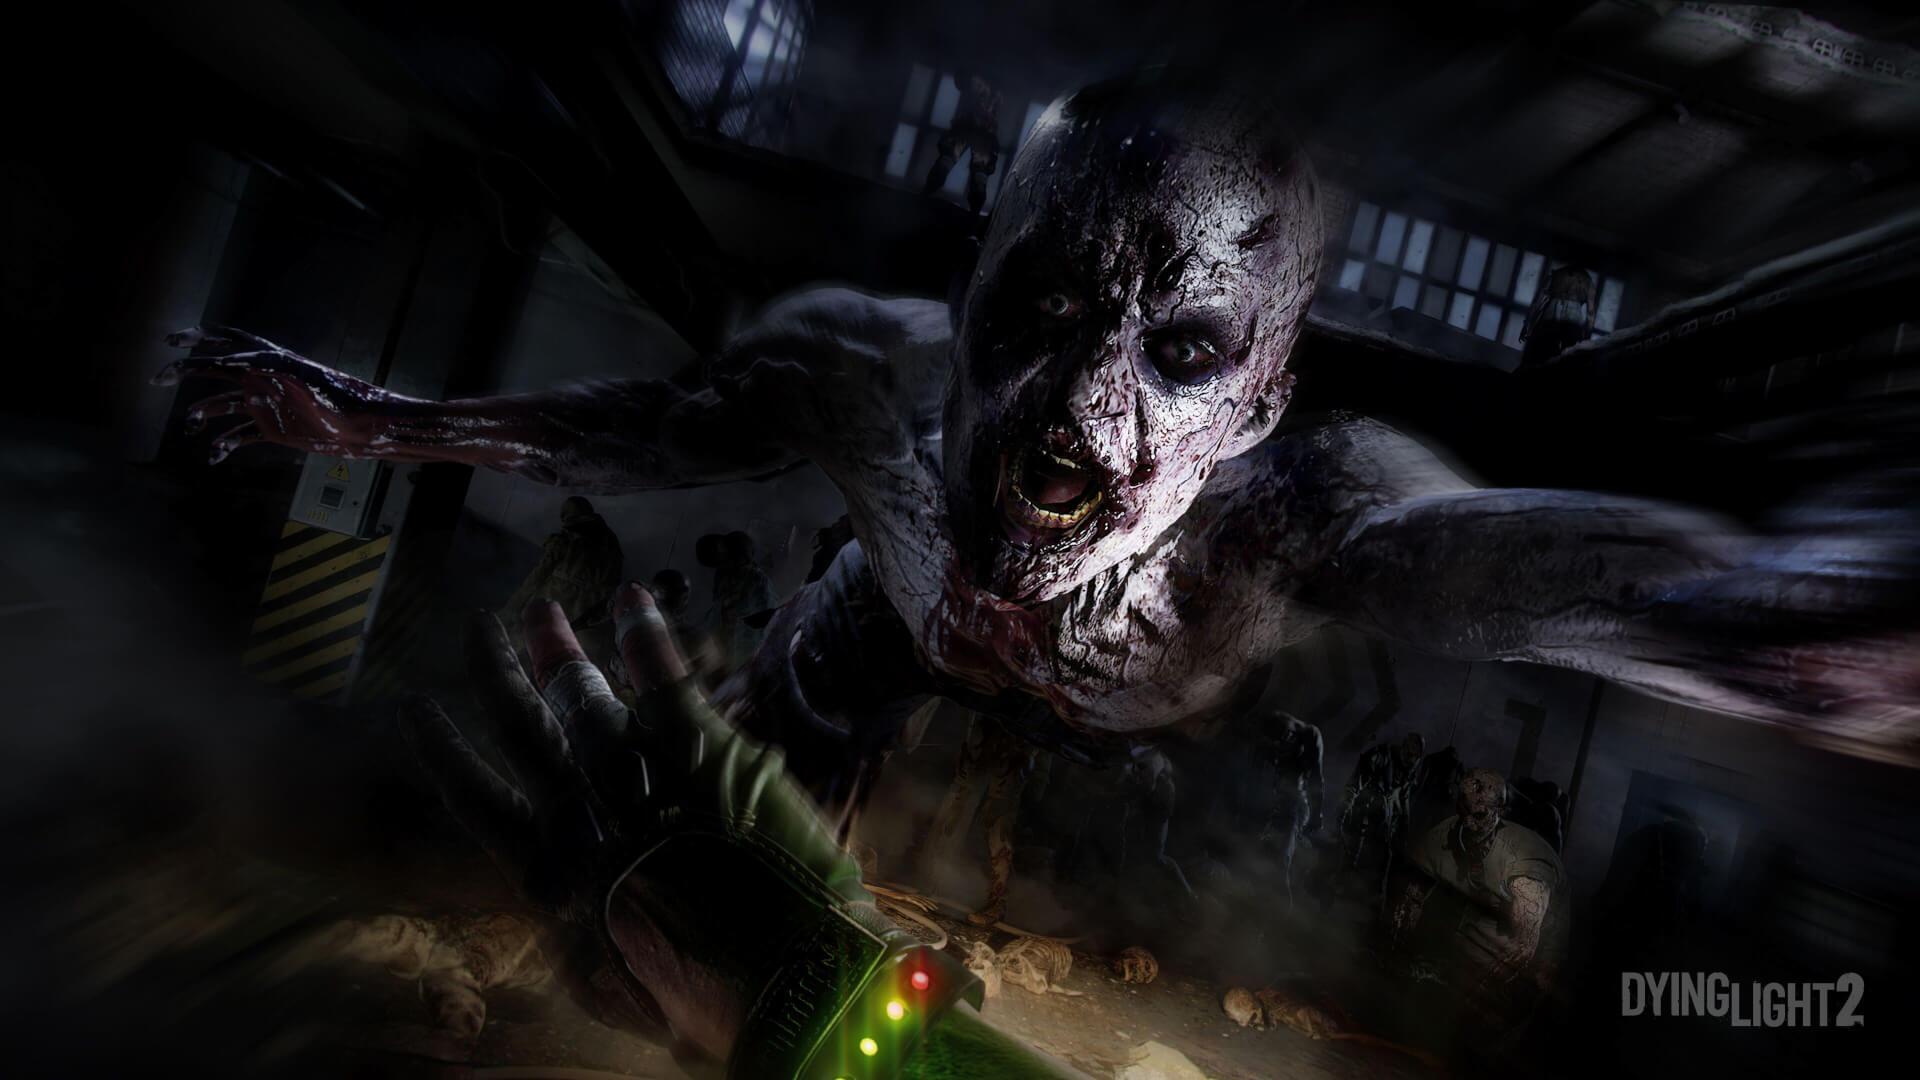 Foto de E3 Xbox: Dying Light 2 tem novo trailer e parece estar incrível!